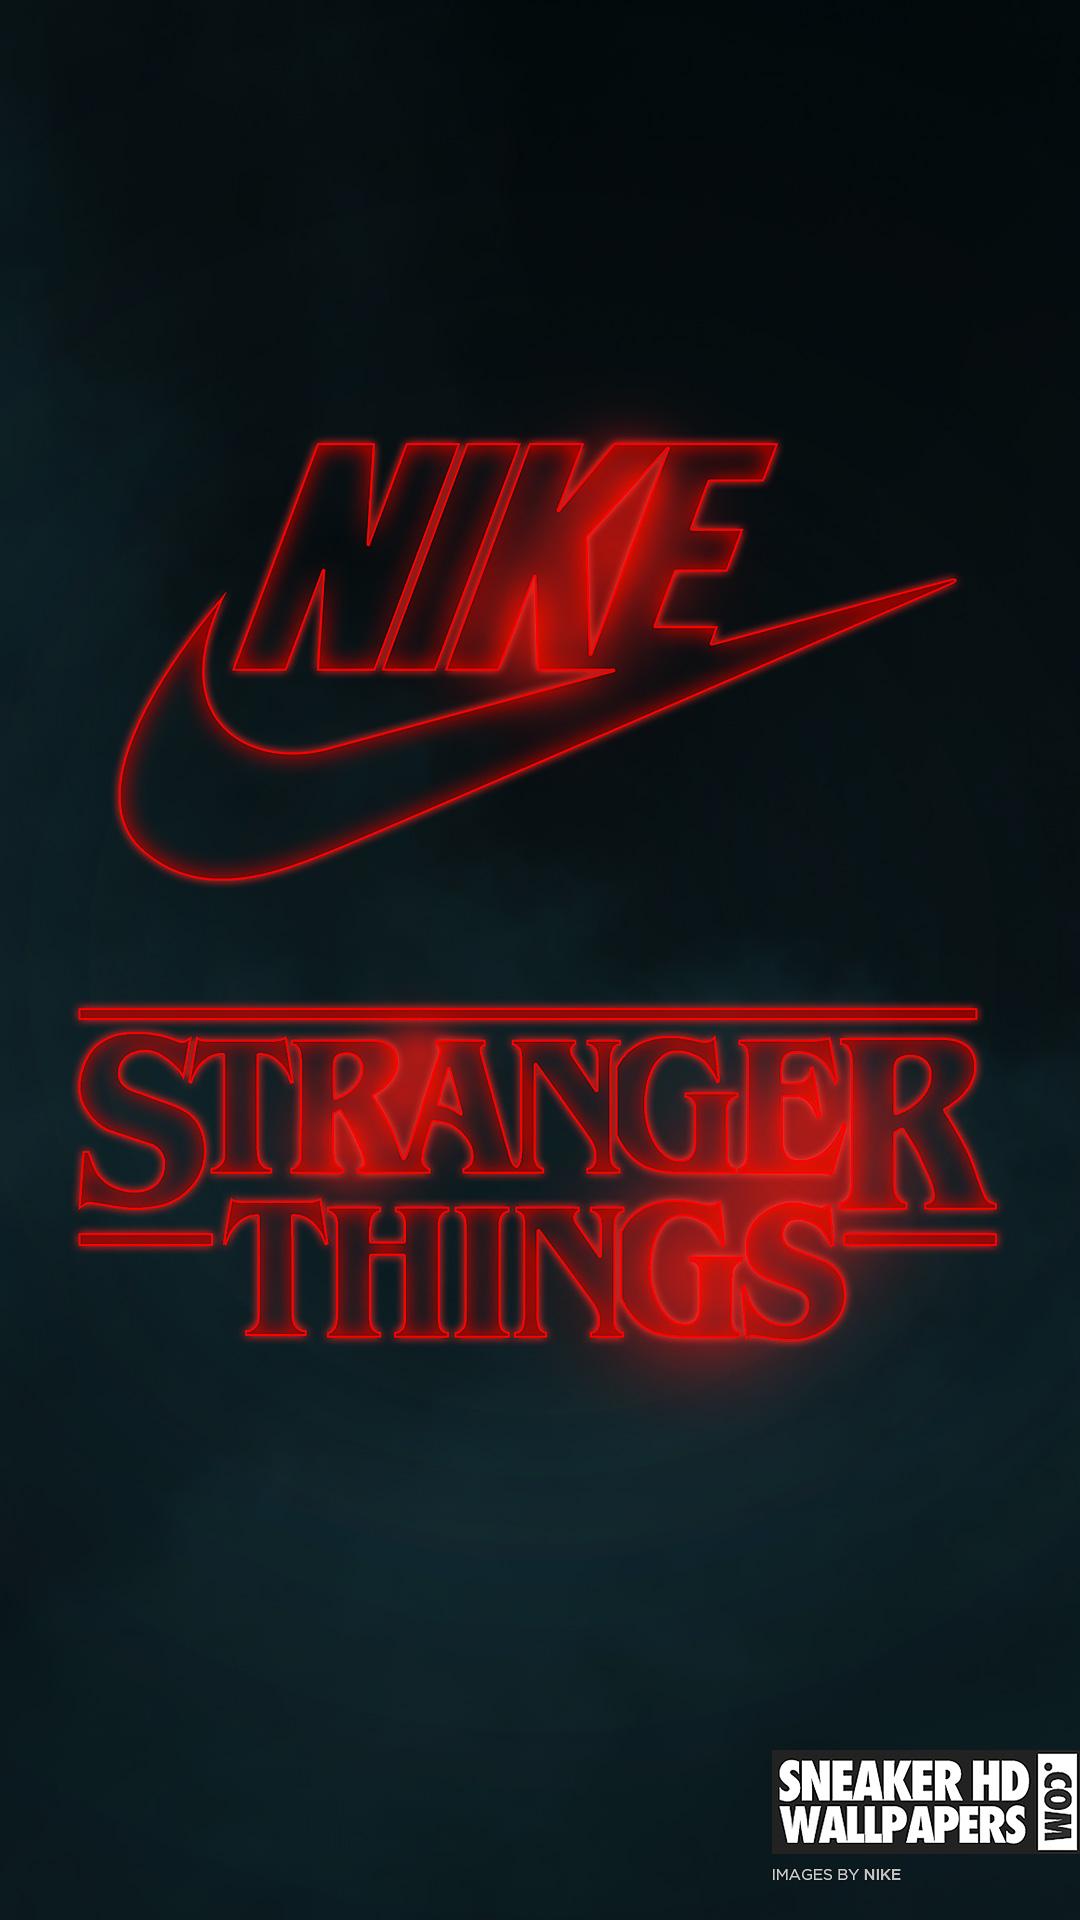 stranger things nike wallpaper mobile